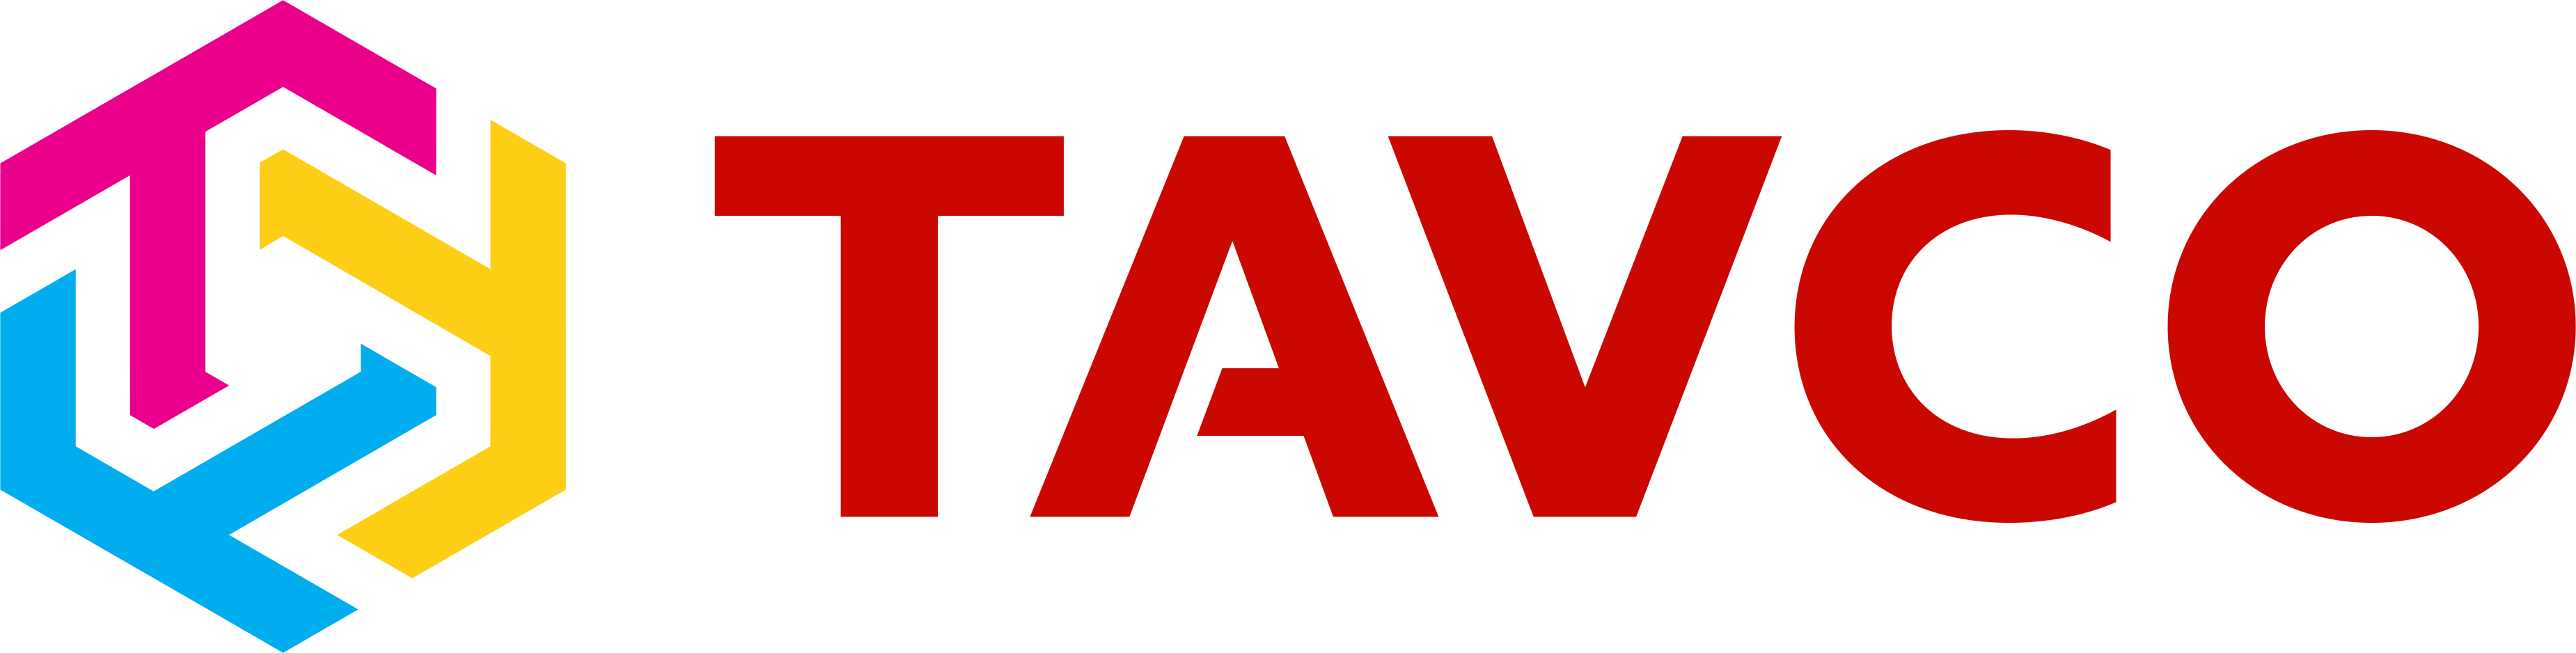 TAVCO_NO OUTLINE_RGB